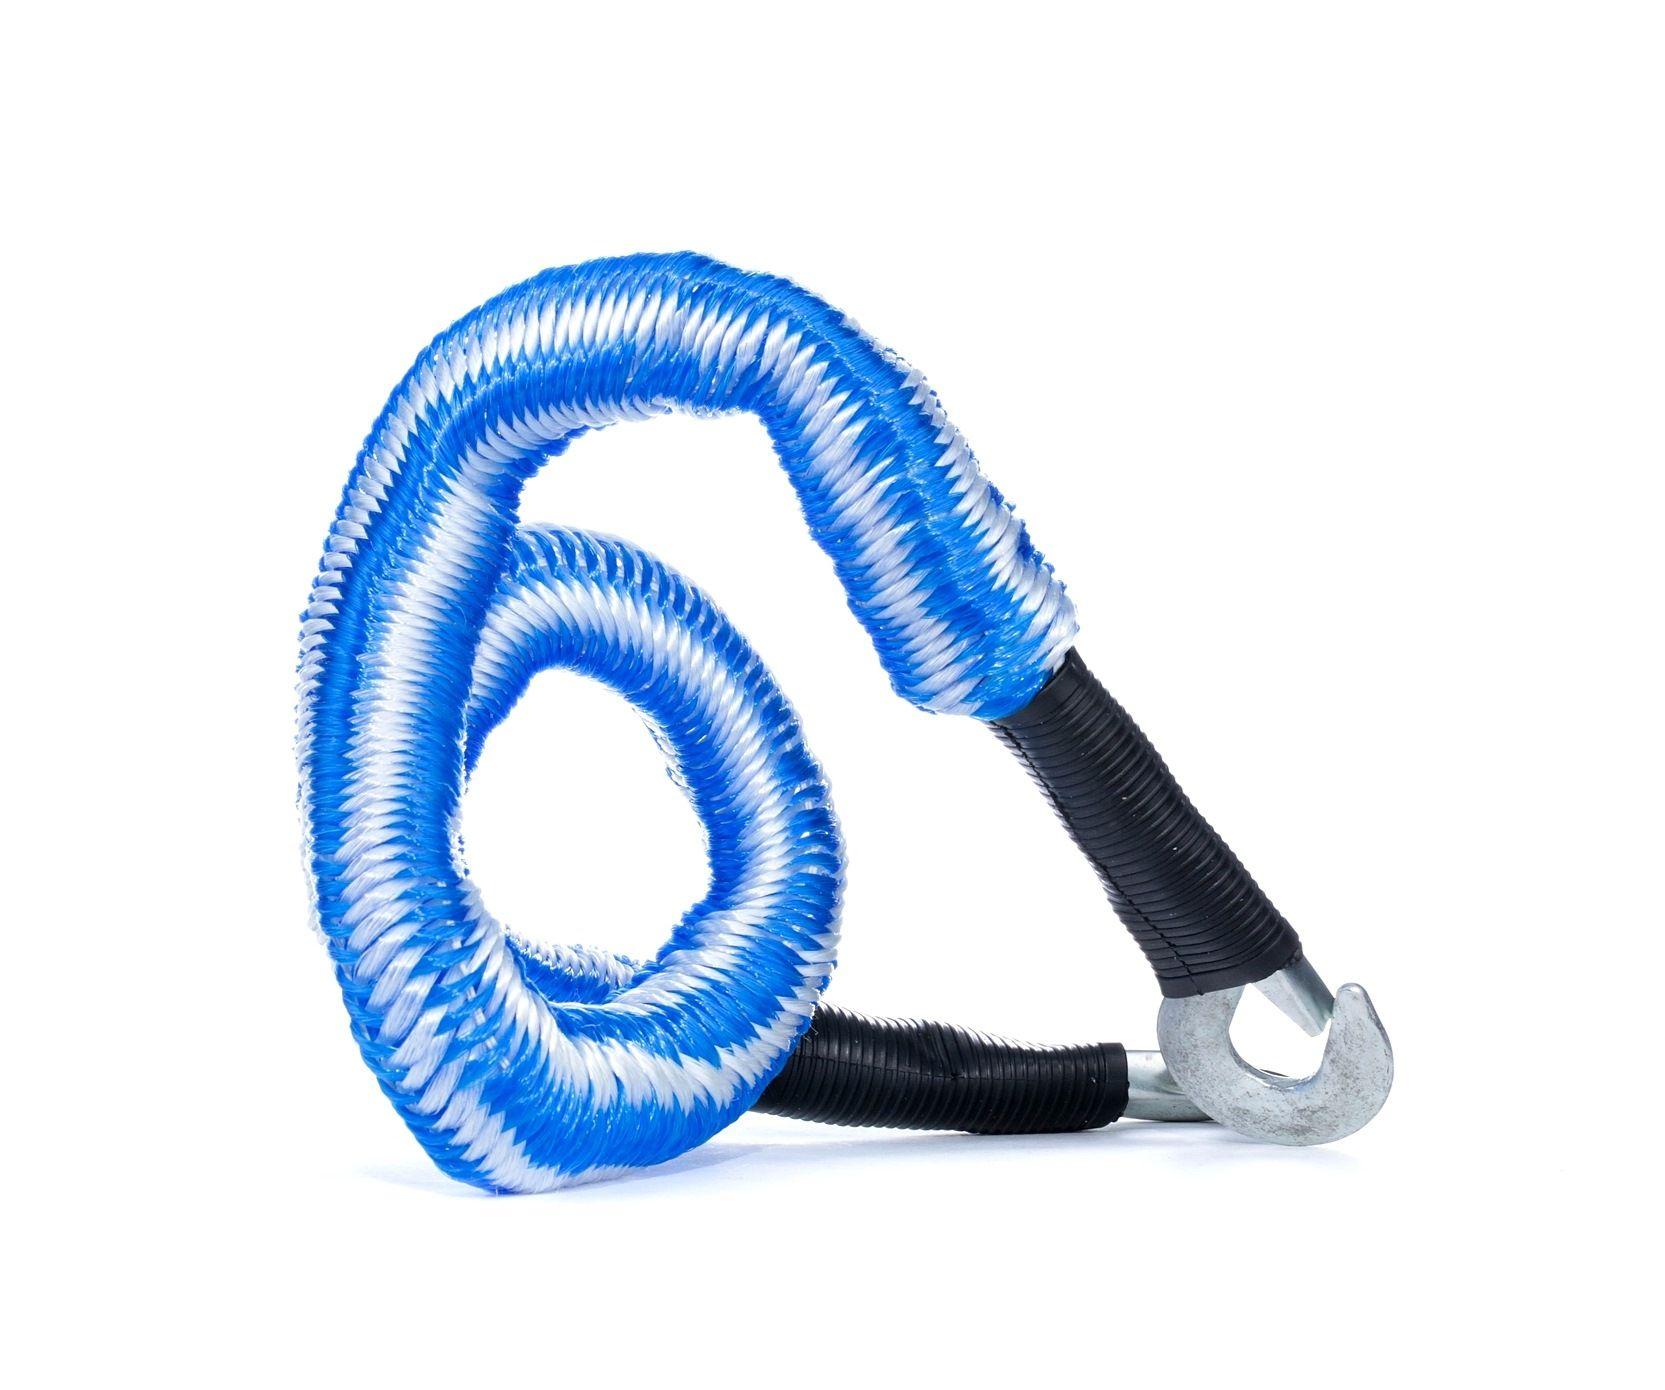 AA2022 K2 PA (Polyamid), Stahl, blau Abschleppseile AA2022 kaufen